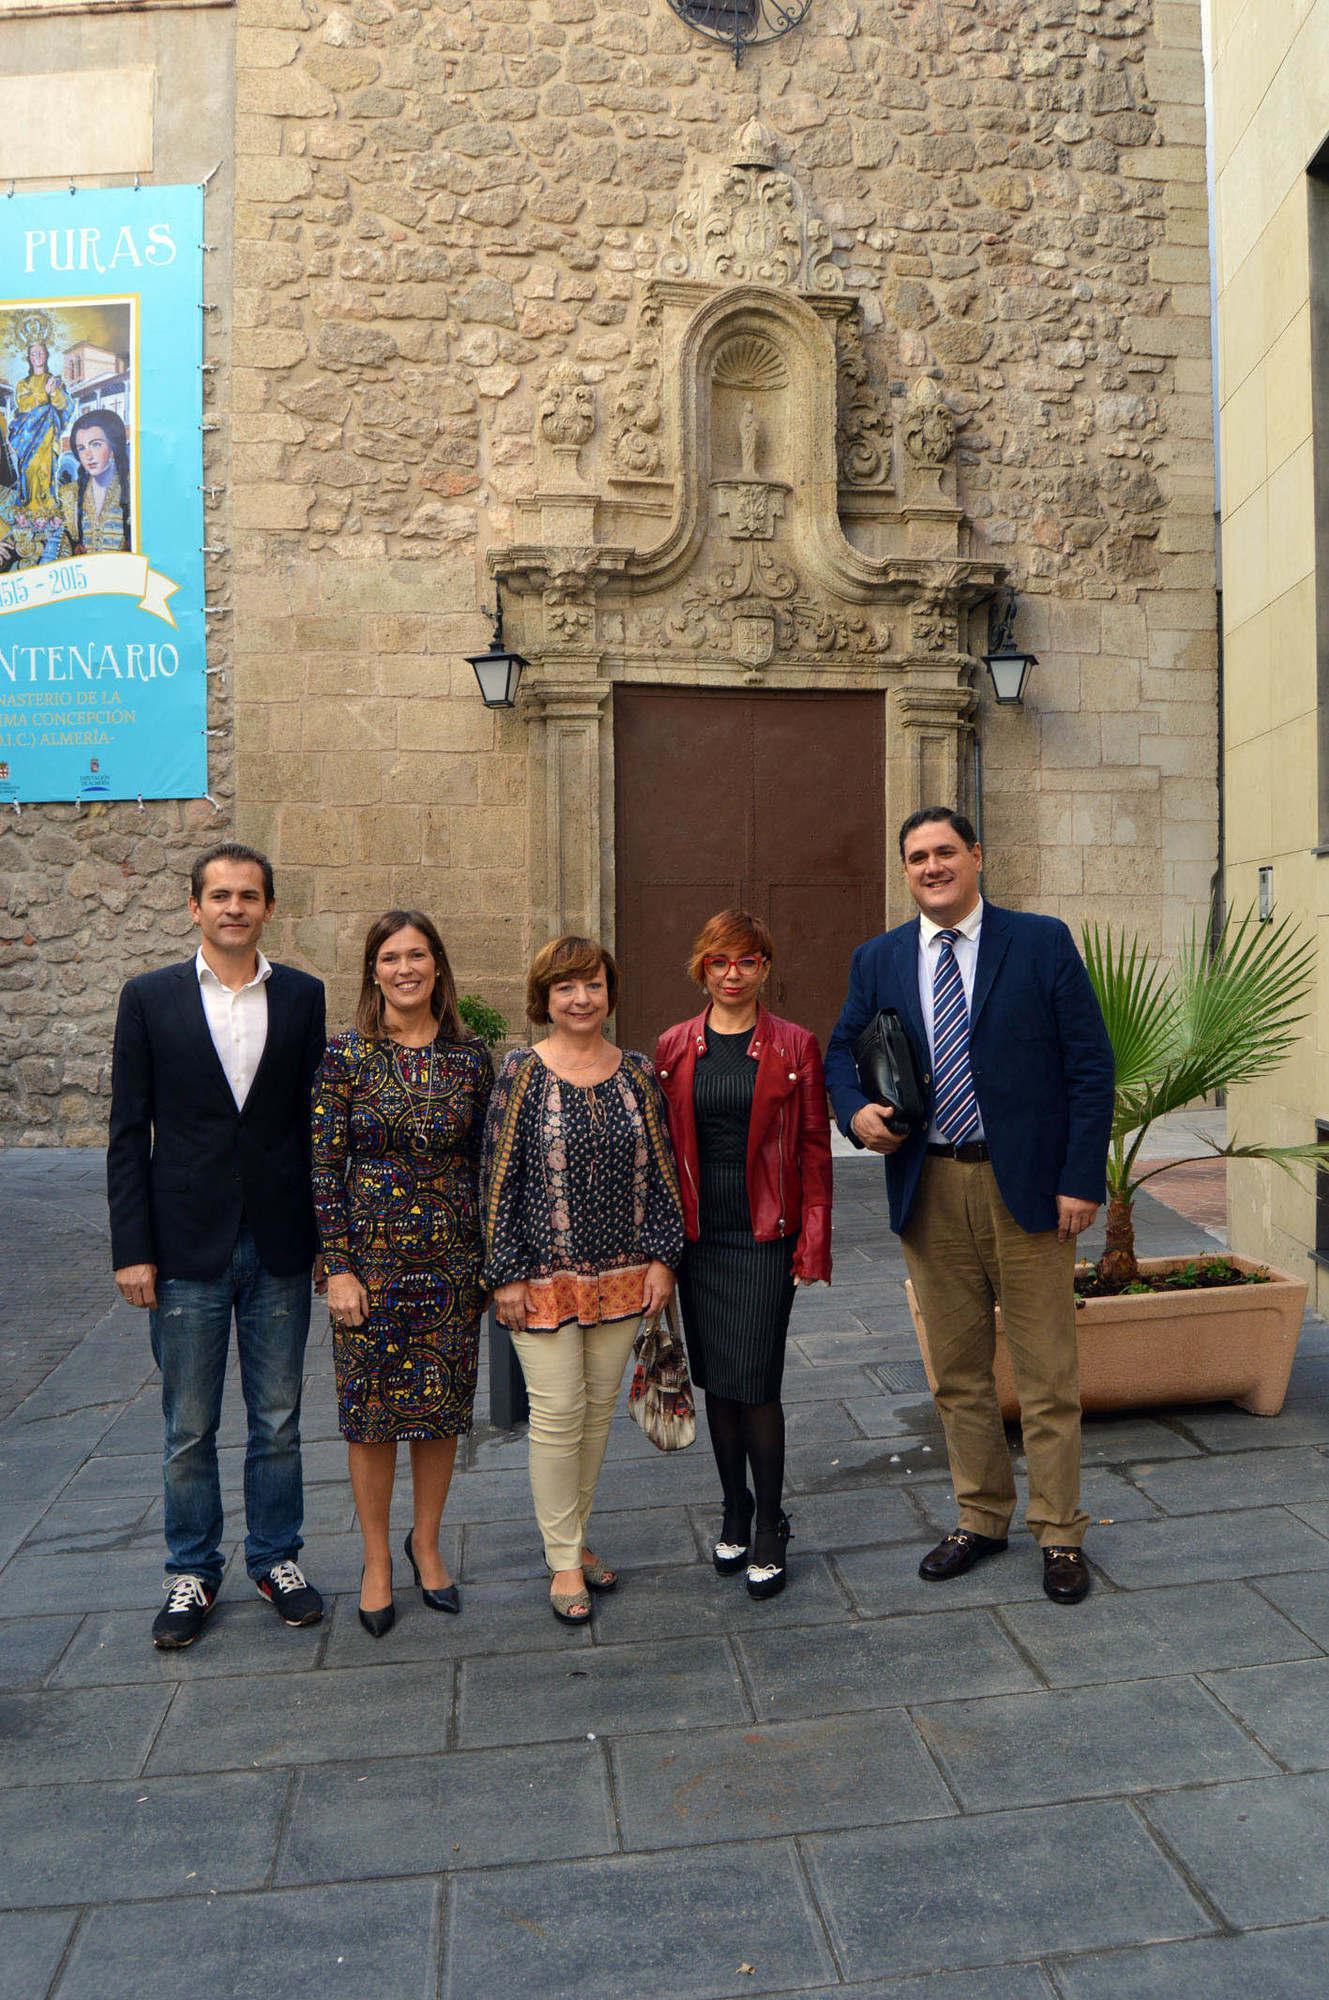 Almería celebrará el quinto centenario del Convento de Las Puras con conferencias, visitas y un concierto de música sacra